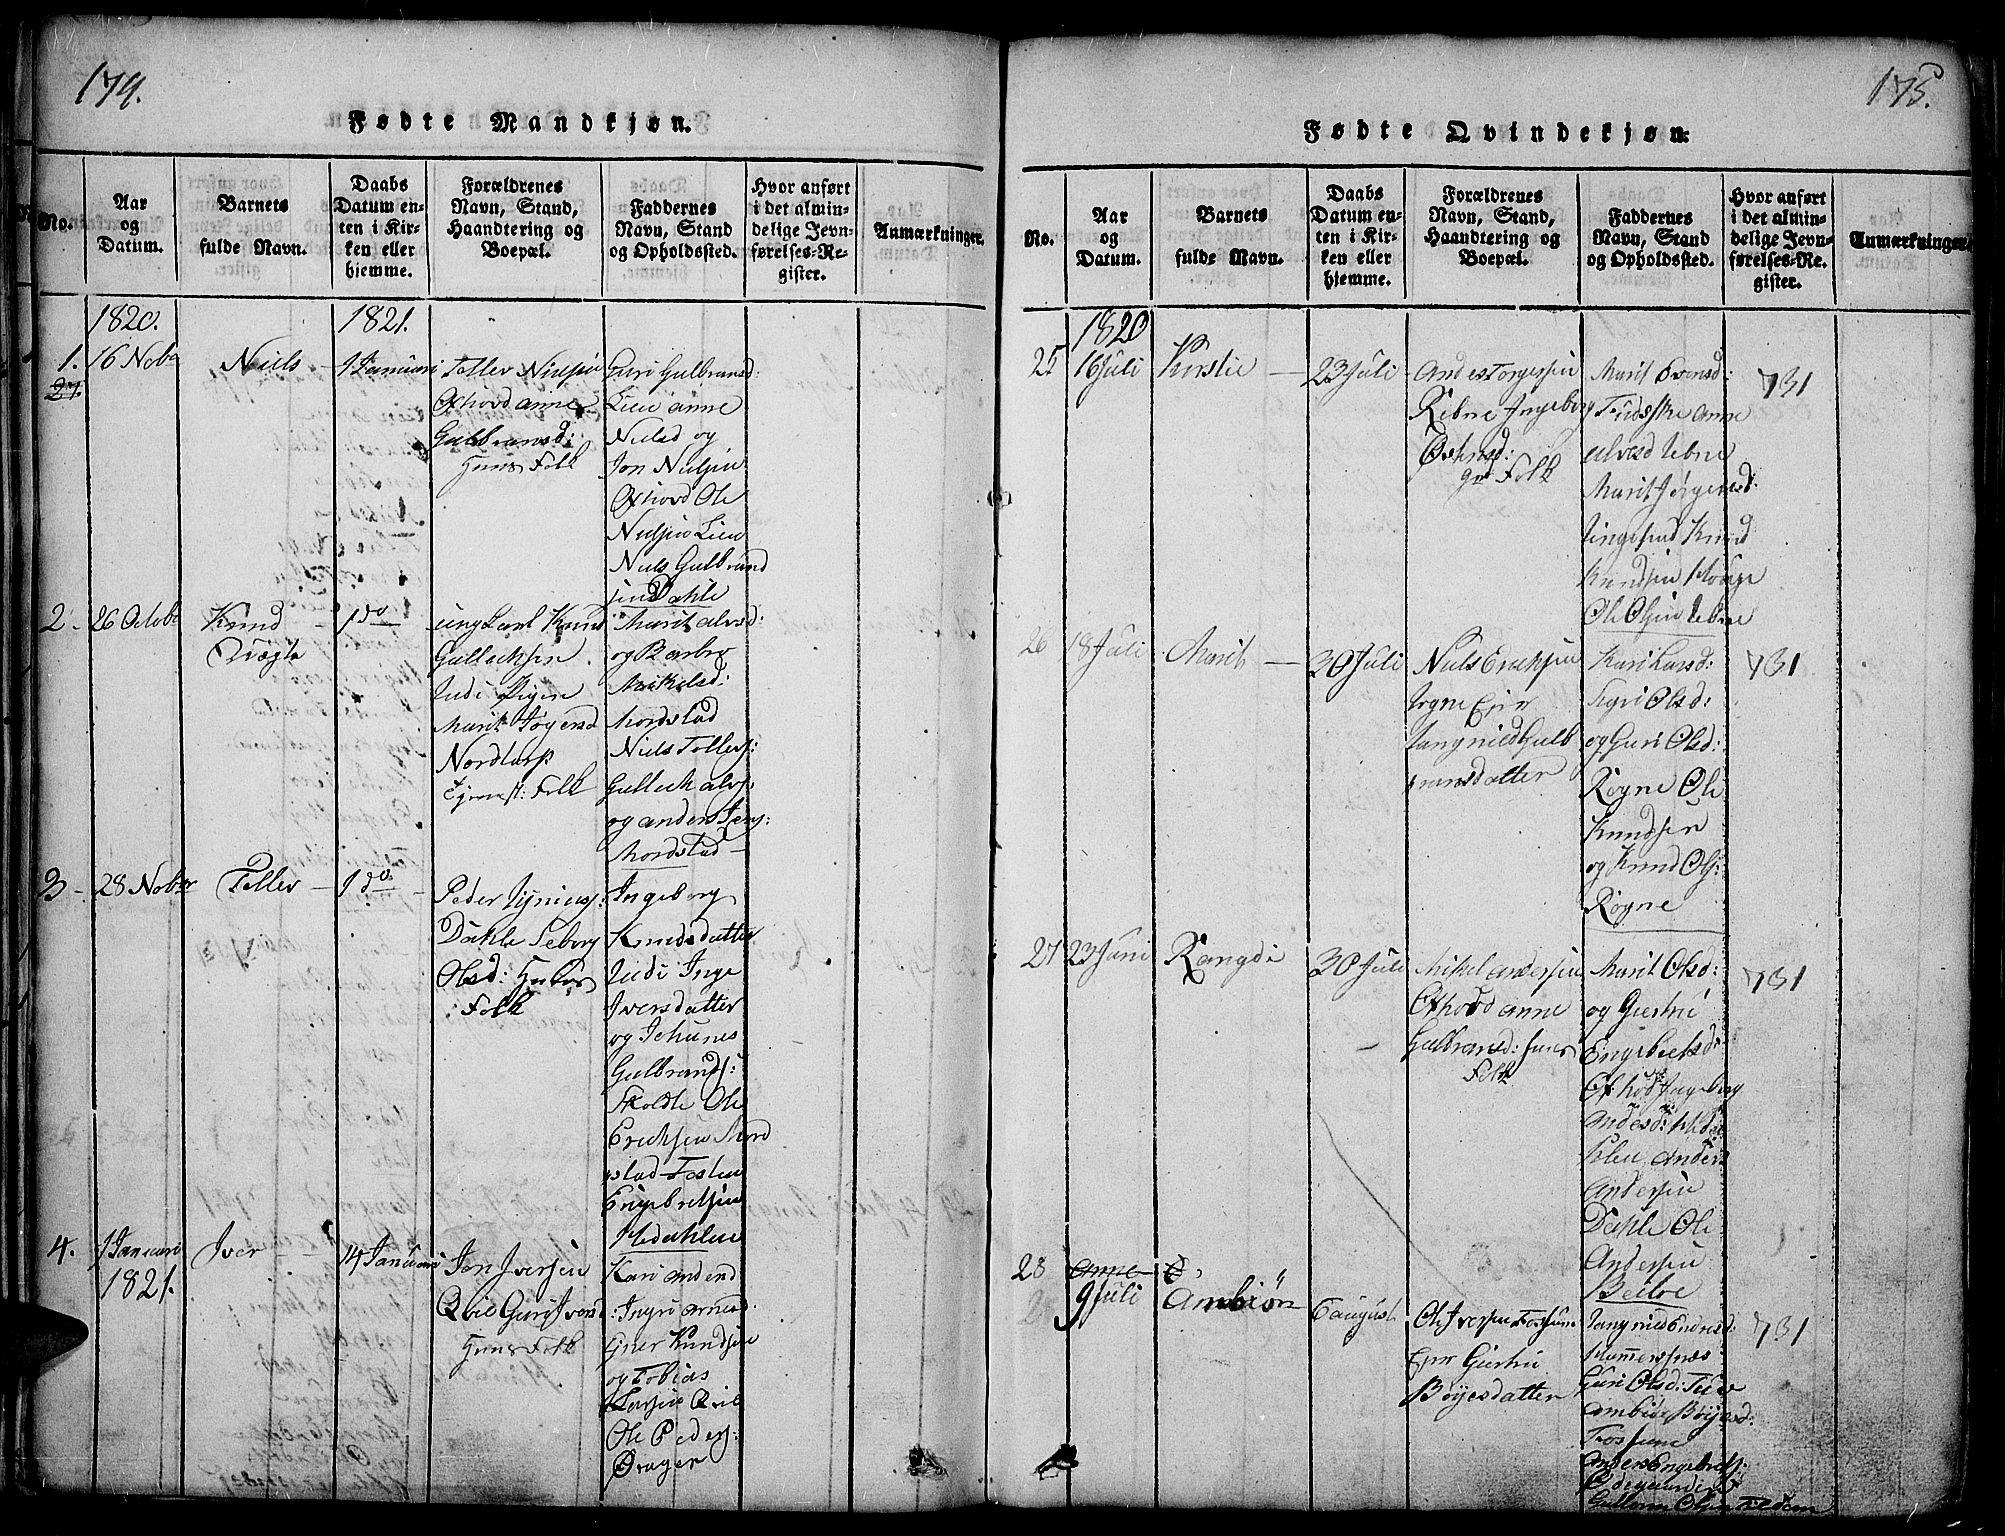 SAH, Slidre prestekontor, Ministerialbok nr. 2, 1814-1830, s. 174-175